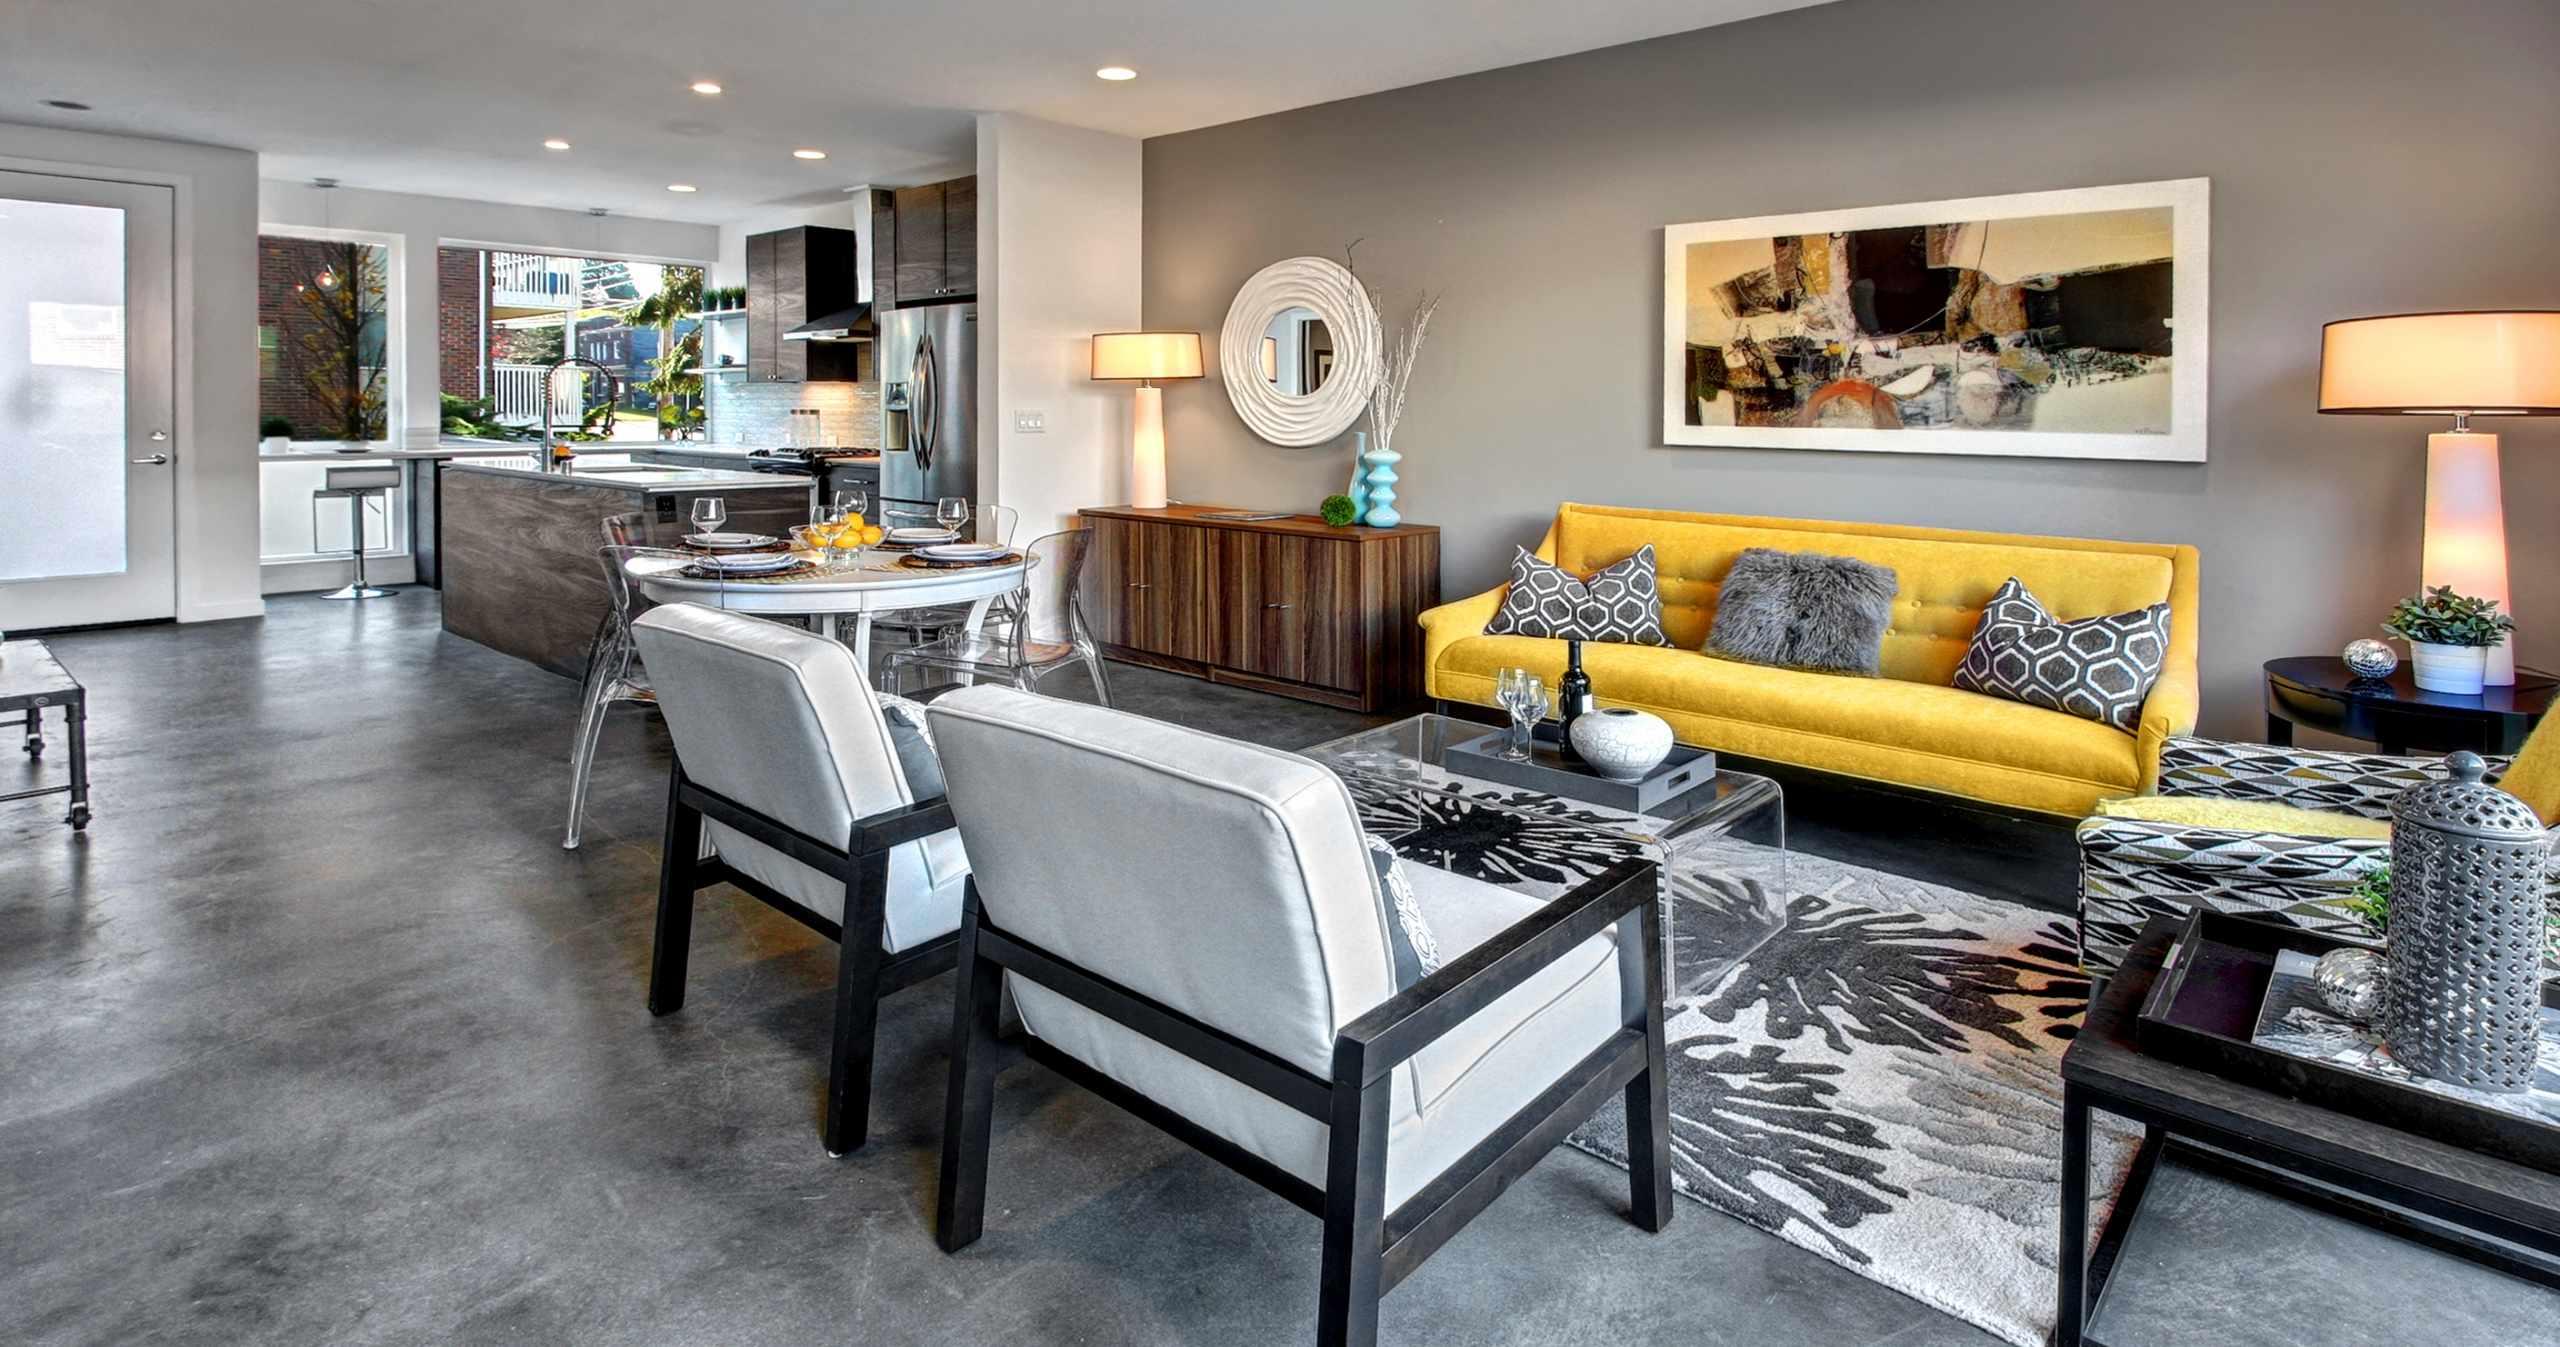 grand homes design center prices - Grand Homes Design Center